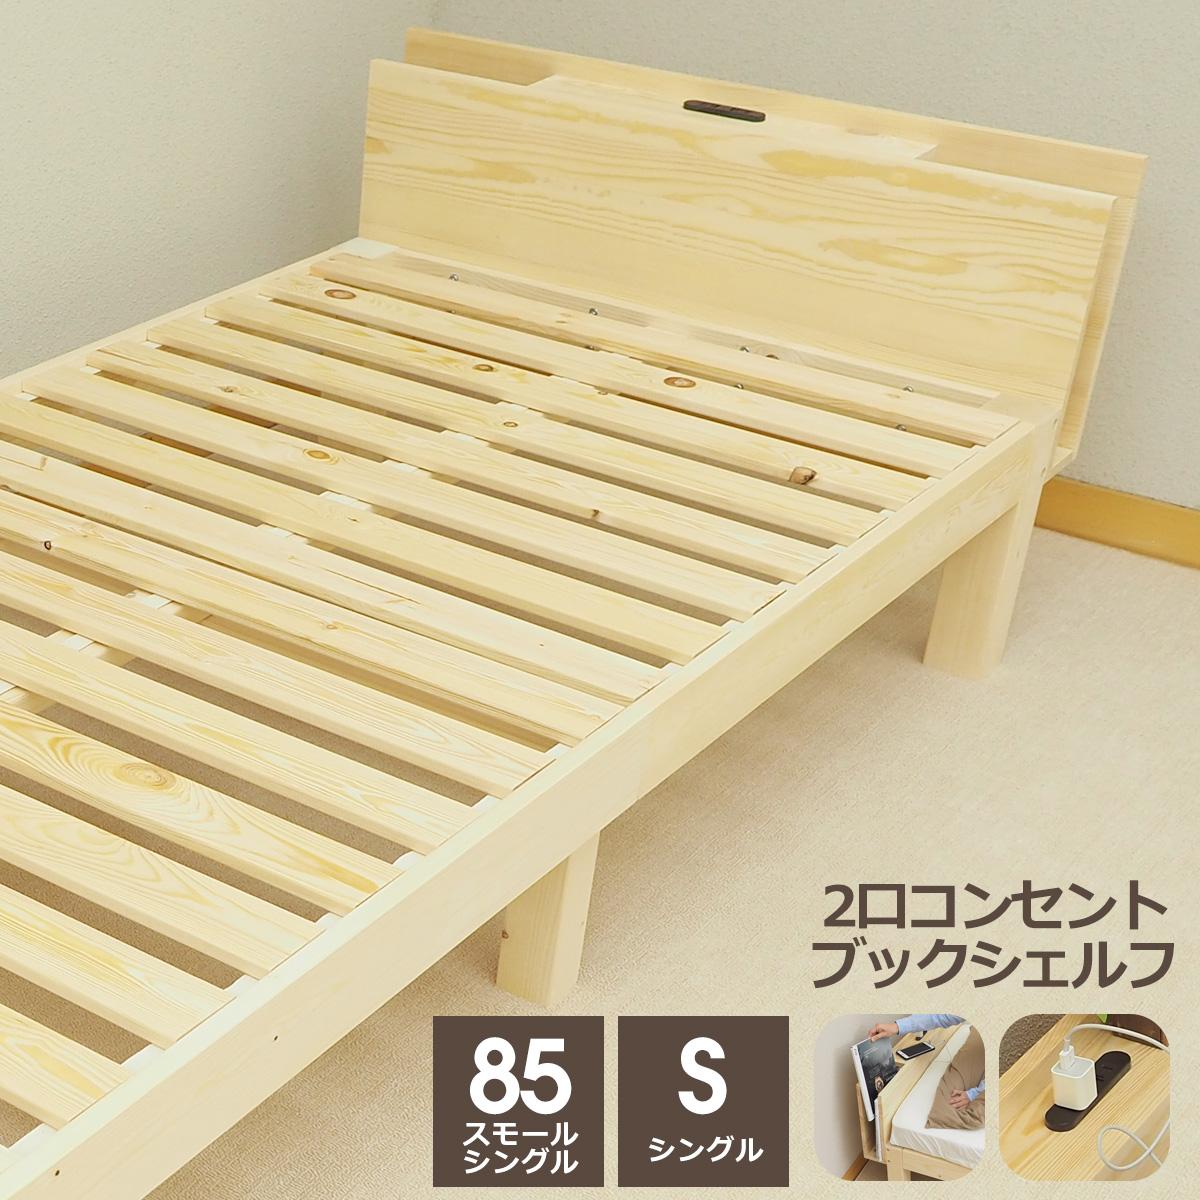 ベッド 無垢材 シングルベッド (シングル)または(85スモールシングル) CN0602 木製ベッドフレーム 北欧パイン